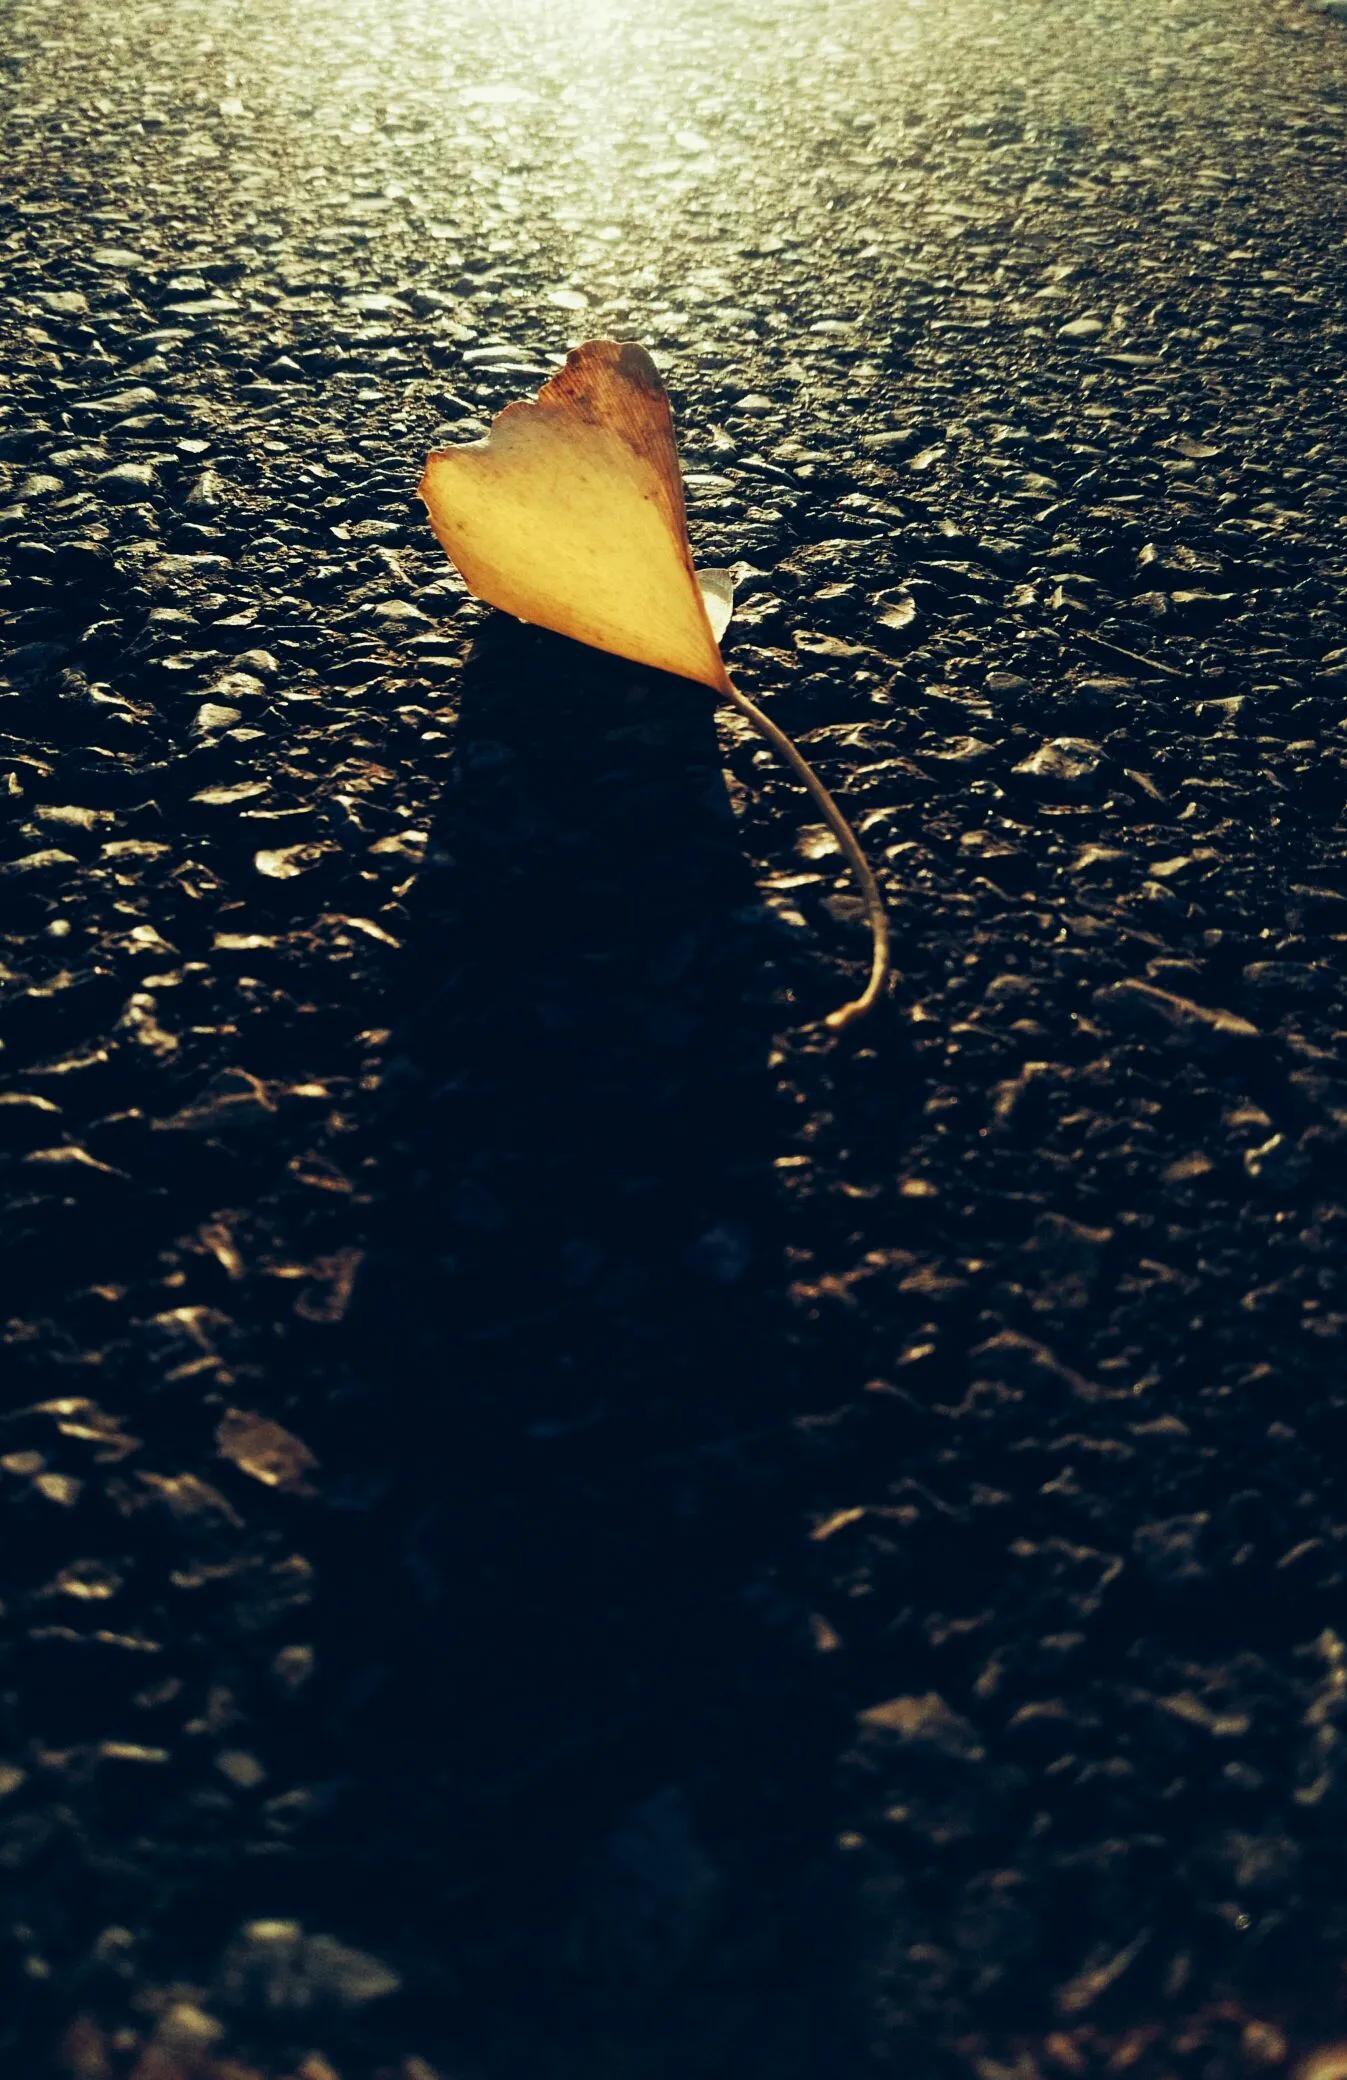 散文:靜賞初冬,聆聽、感悟,不一樣的景象